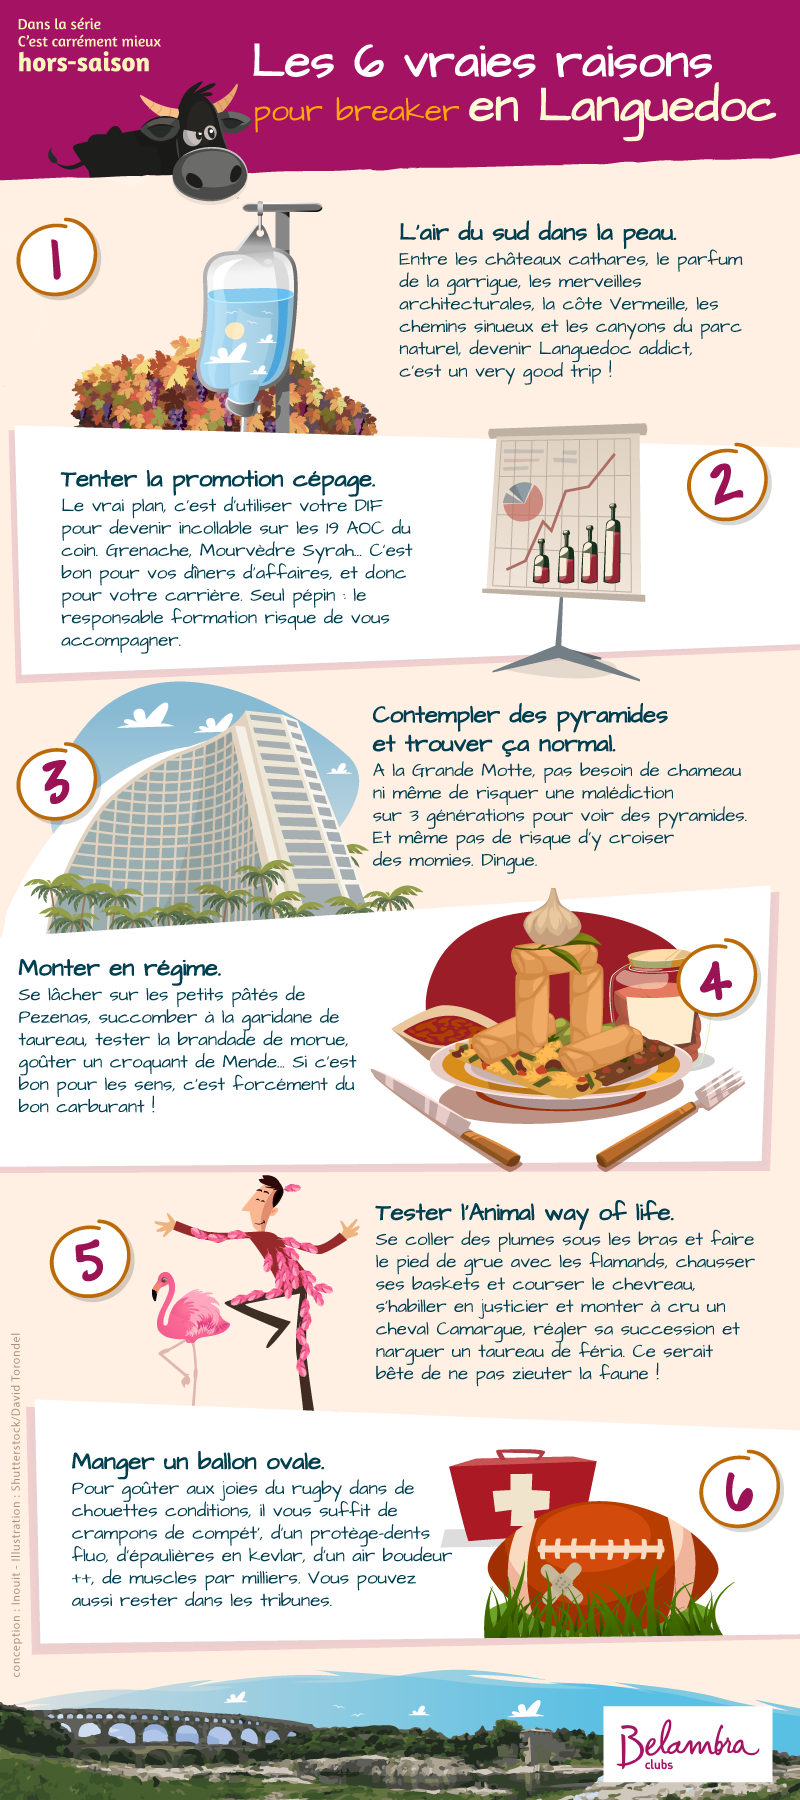 Les 6 vraies raisons pour breaker en Languedoc